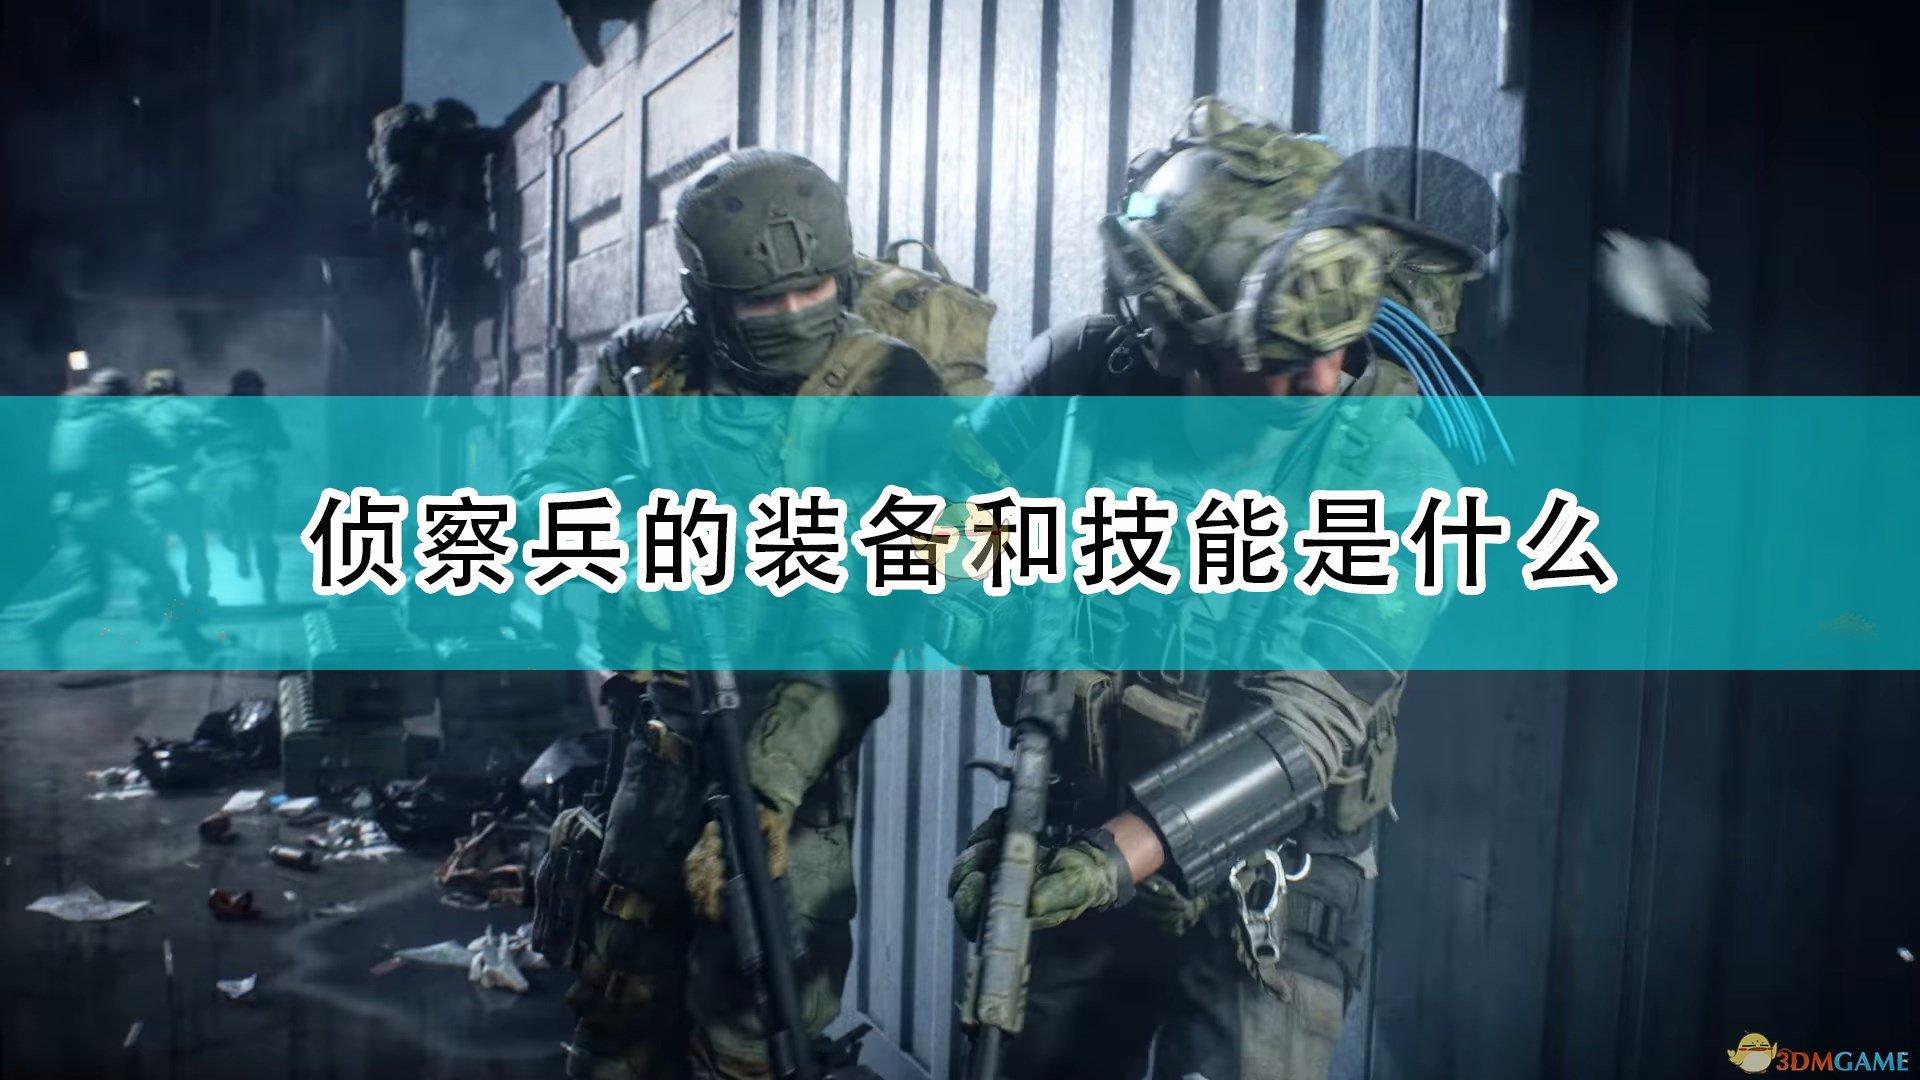 《戰地2042》偵查兵裝備技能效果介紹